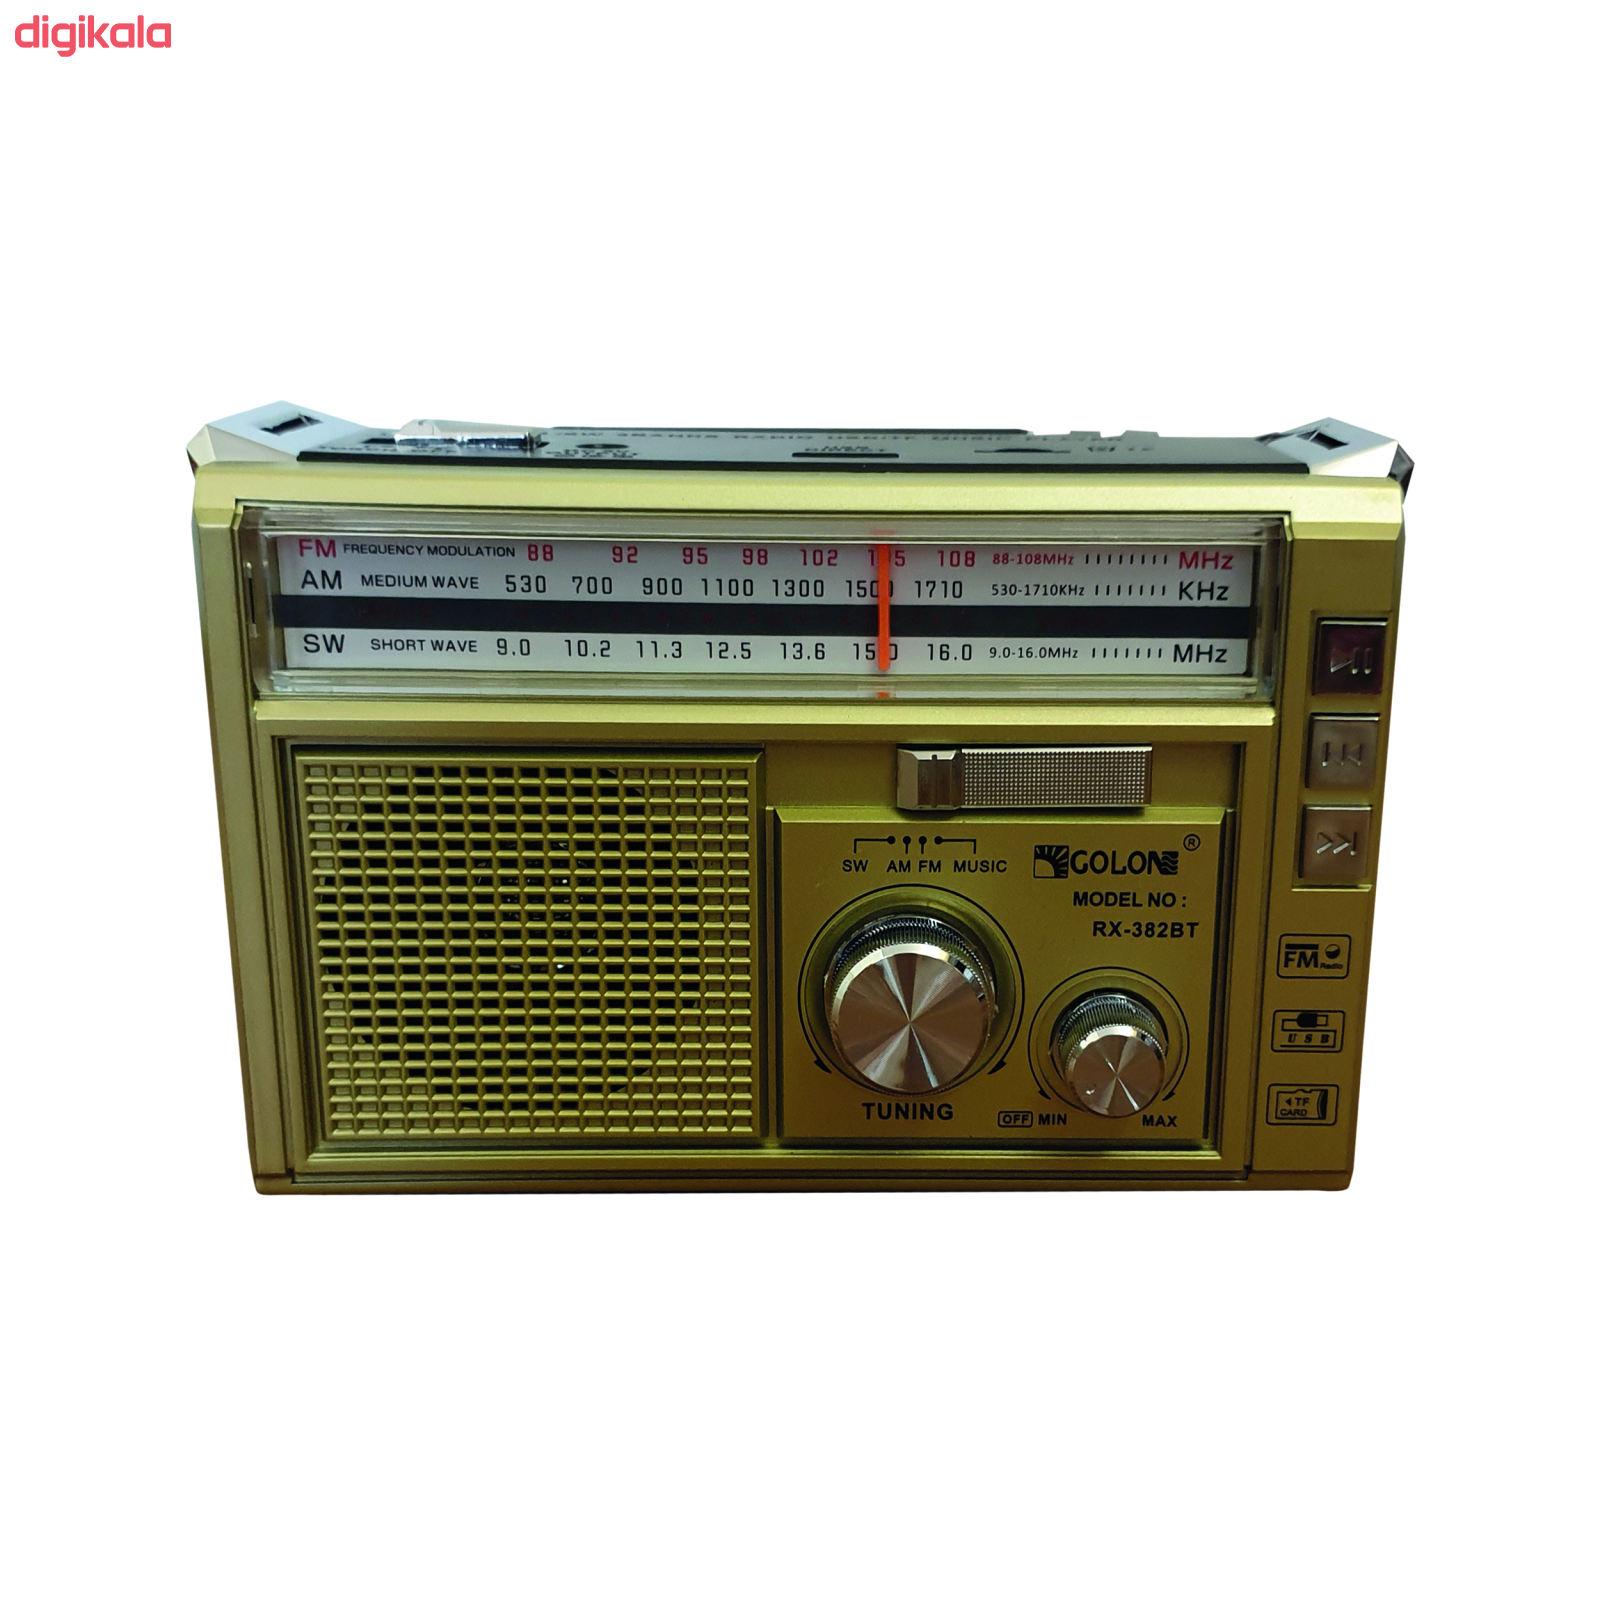 رادیو گولون مدل RX-382BT main 1 9